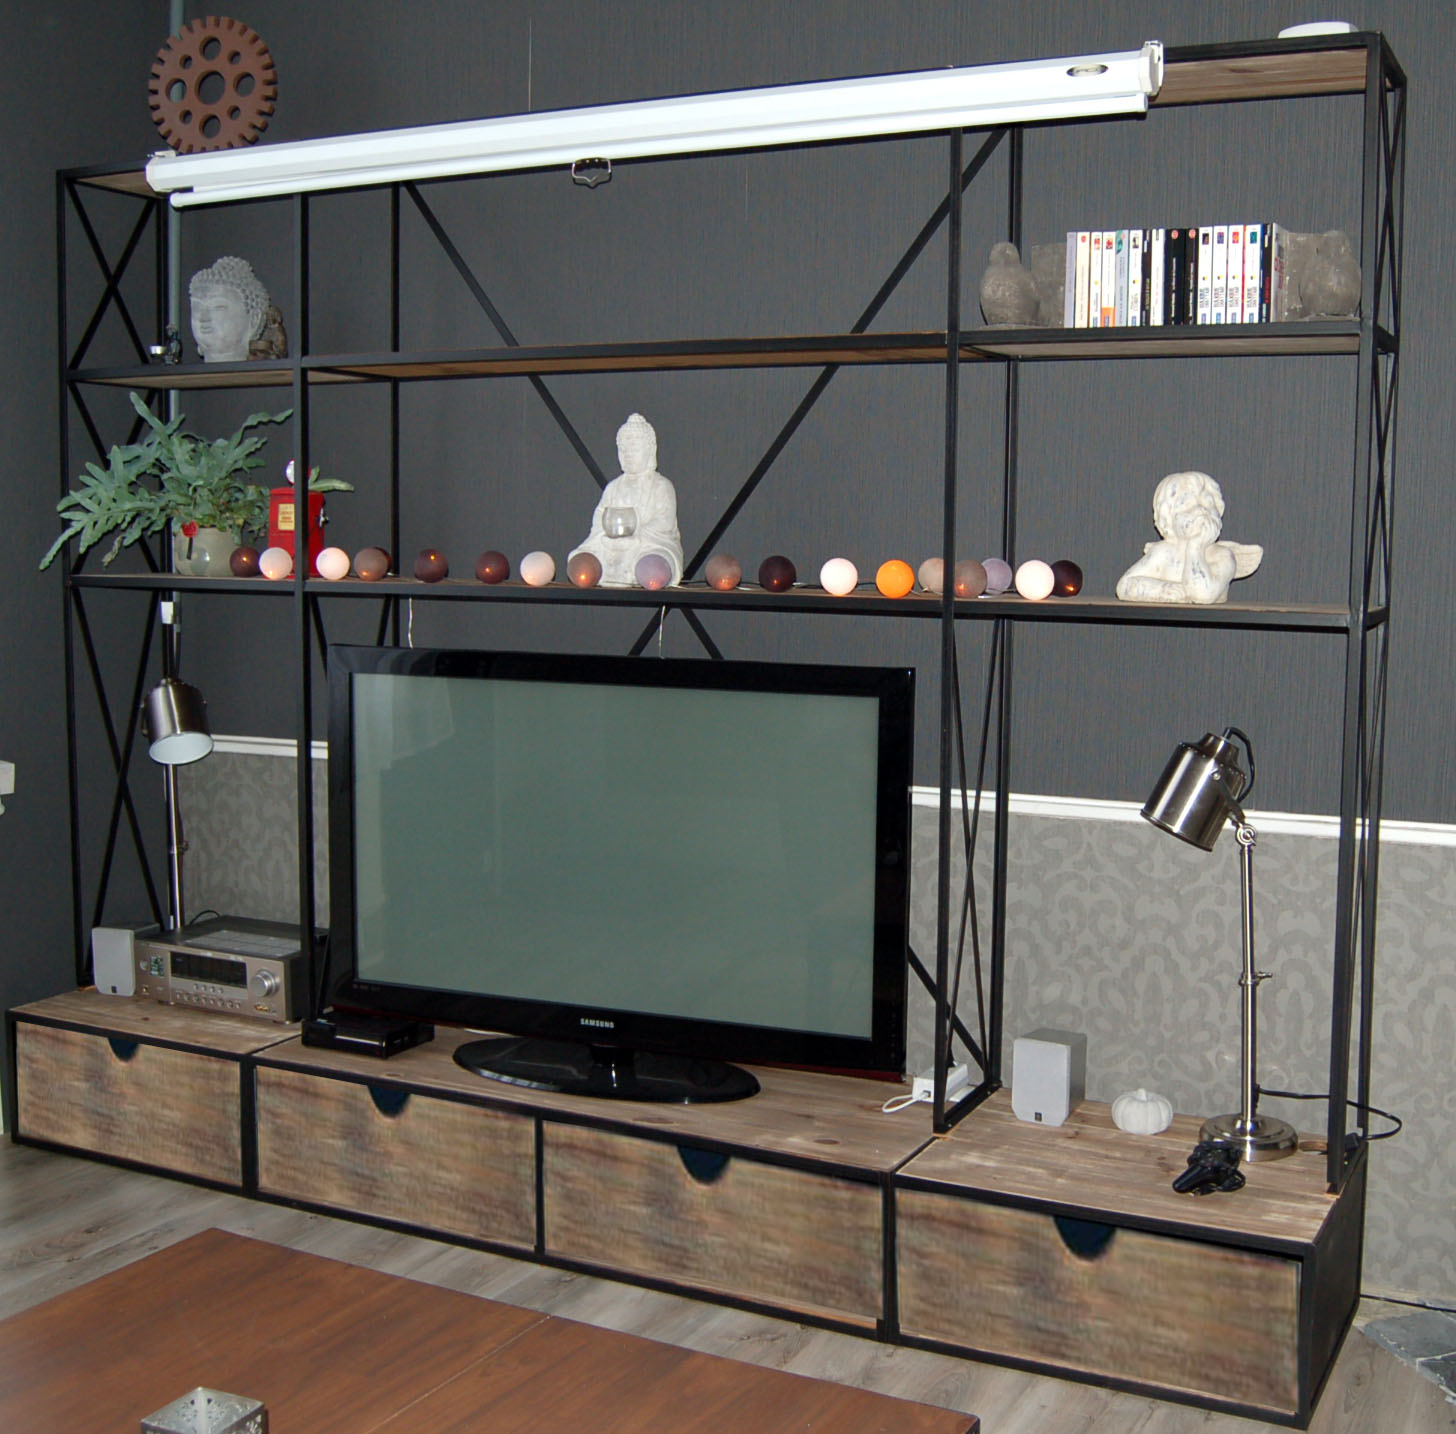 Blog de la maison de l 39 imaginarium l 39 ambiance factory - Meuble tv maison ...